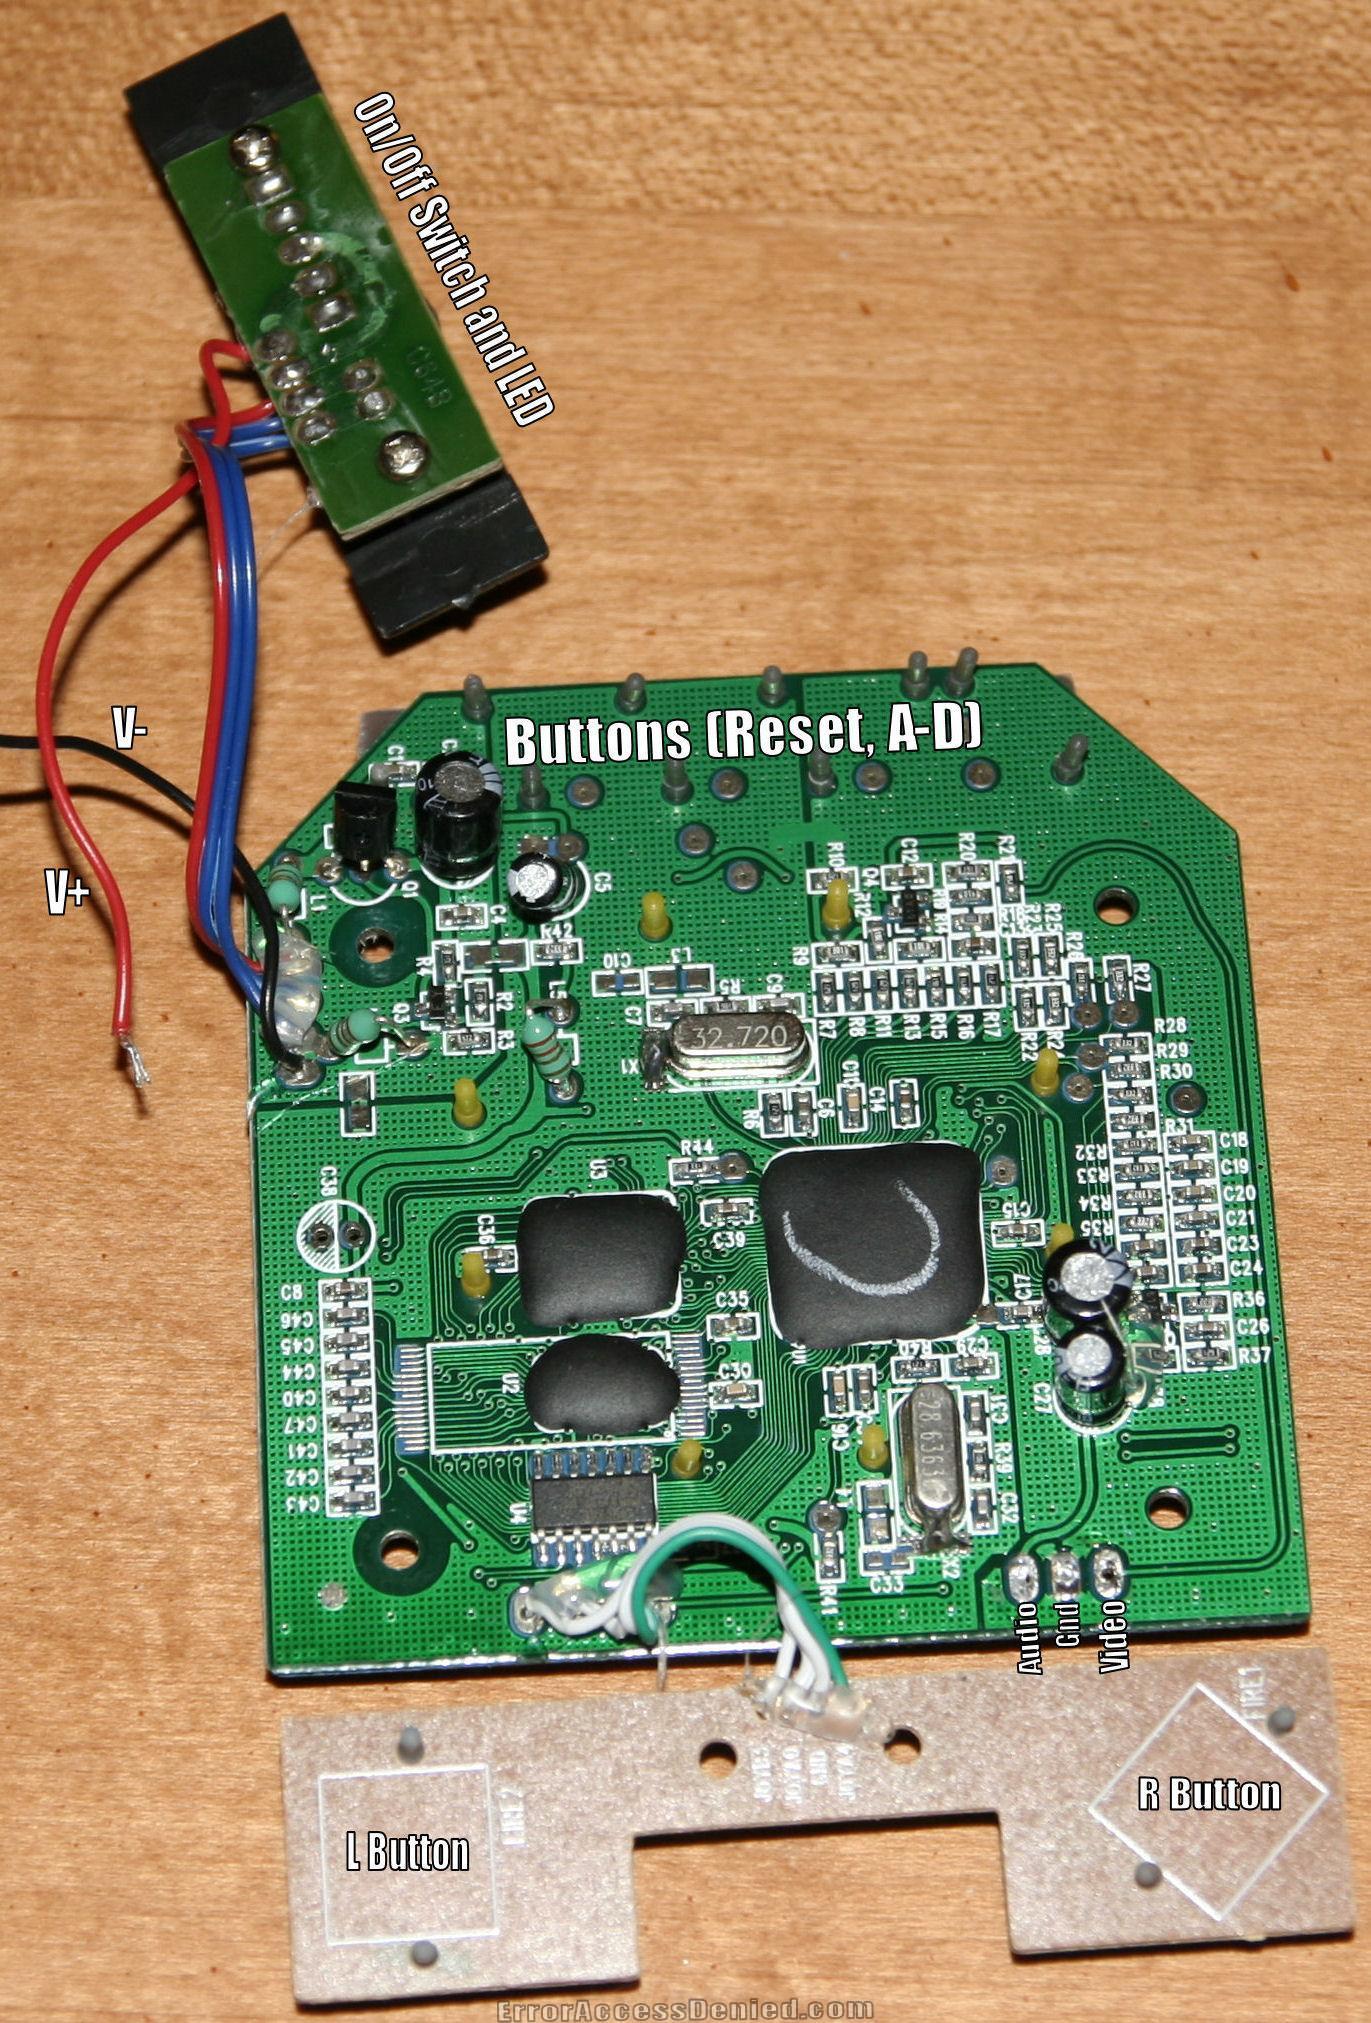 C64 DTV Guts